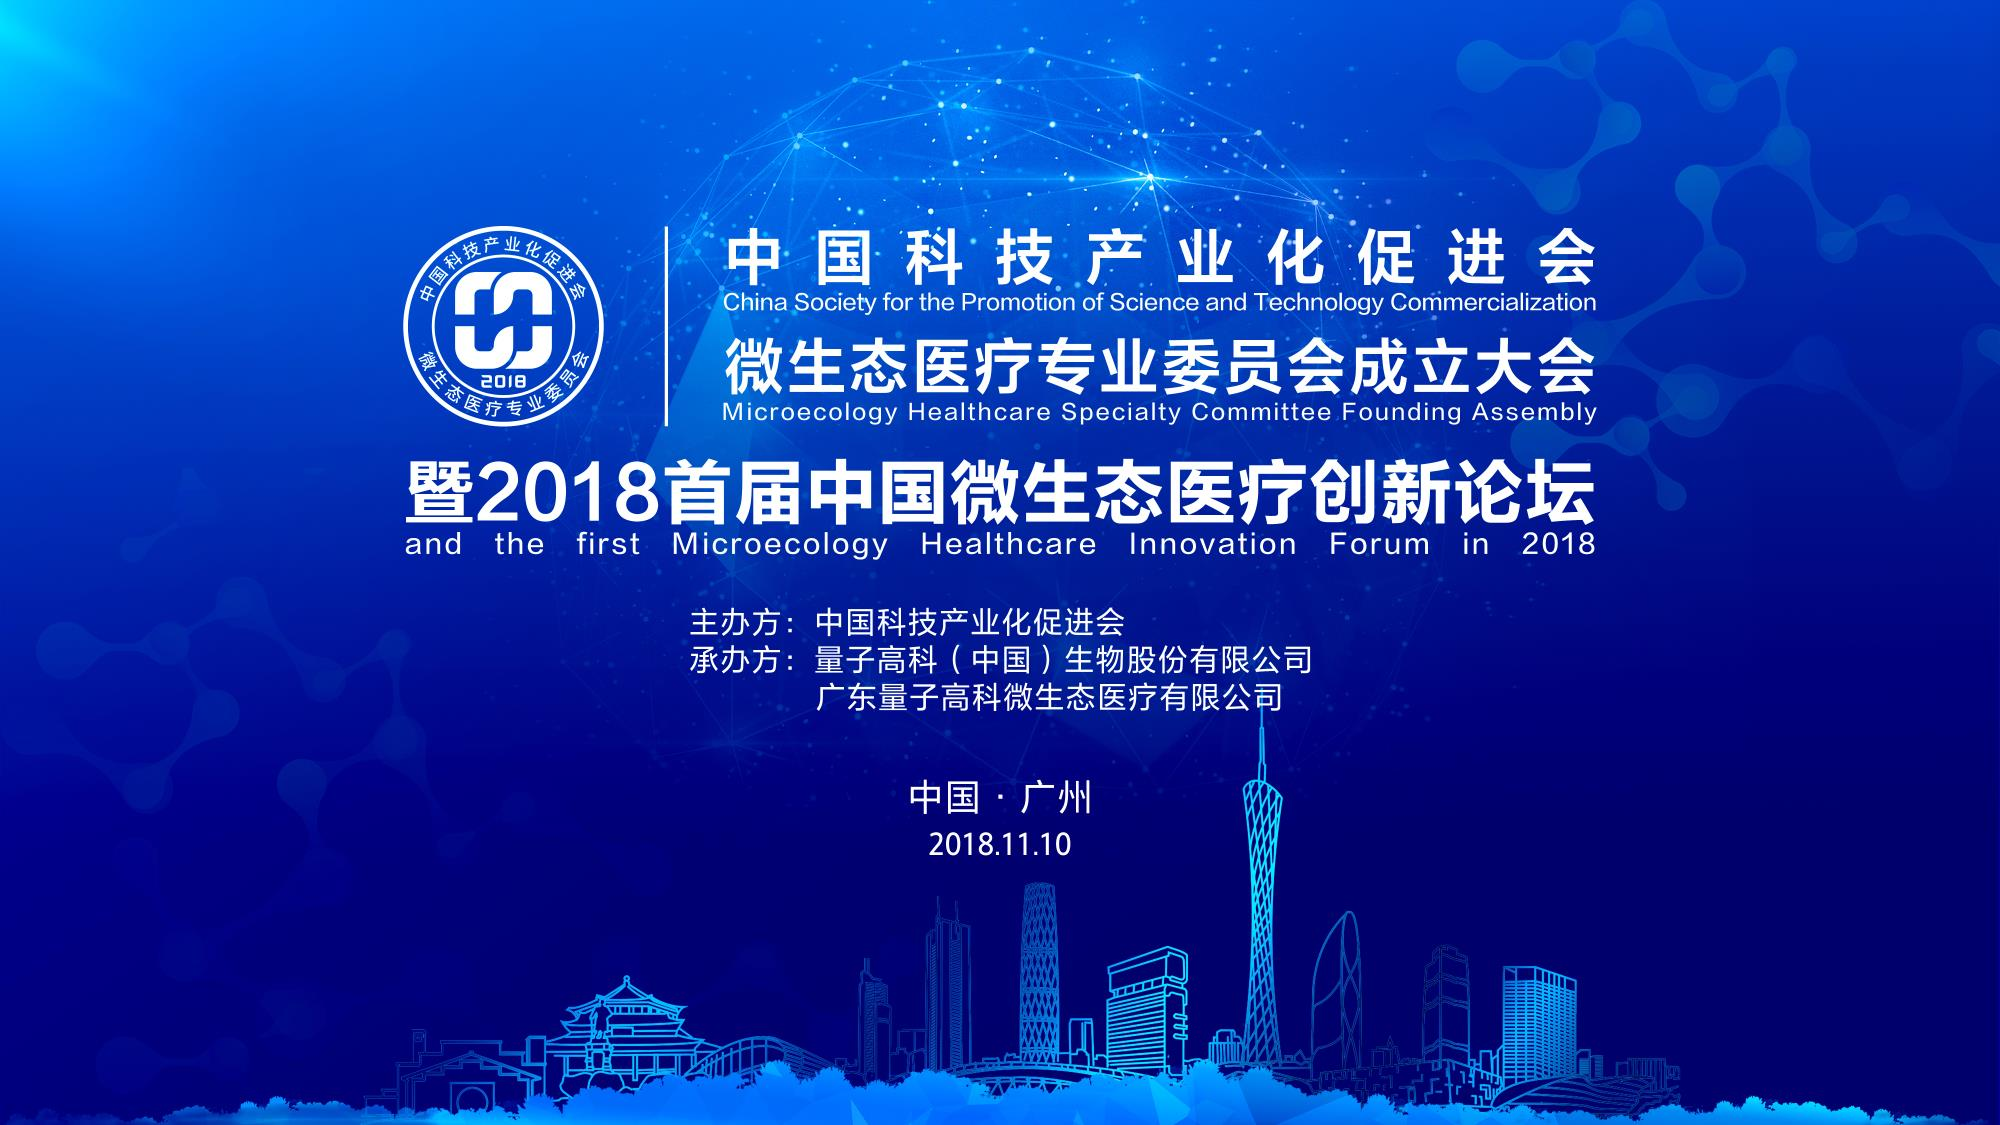 中国科技产业化促进会举办微生态医疗专委会成立大会暨首届中国微生态医疗创新论坛